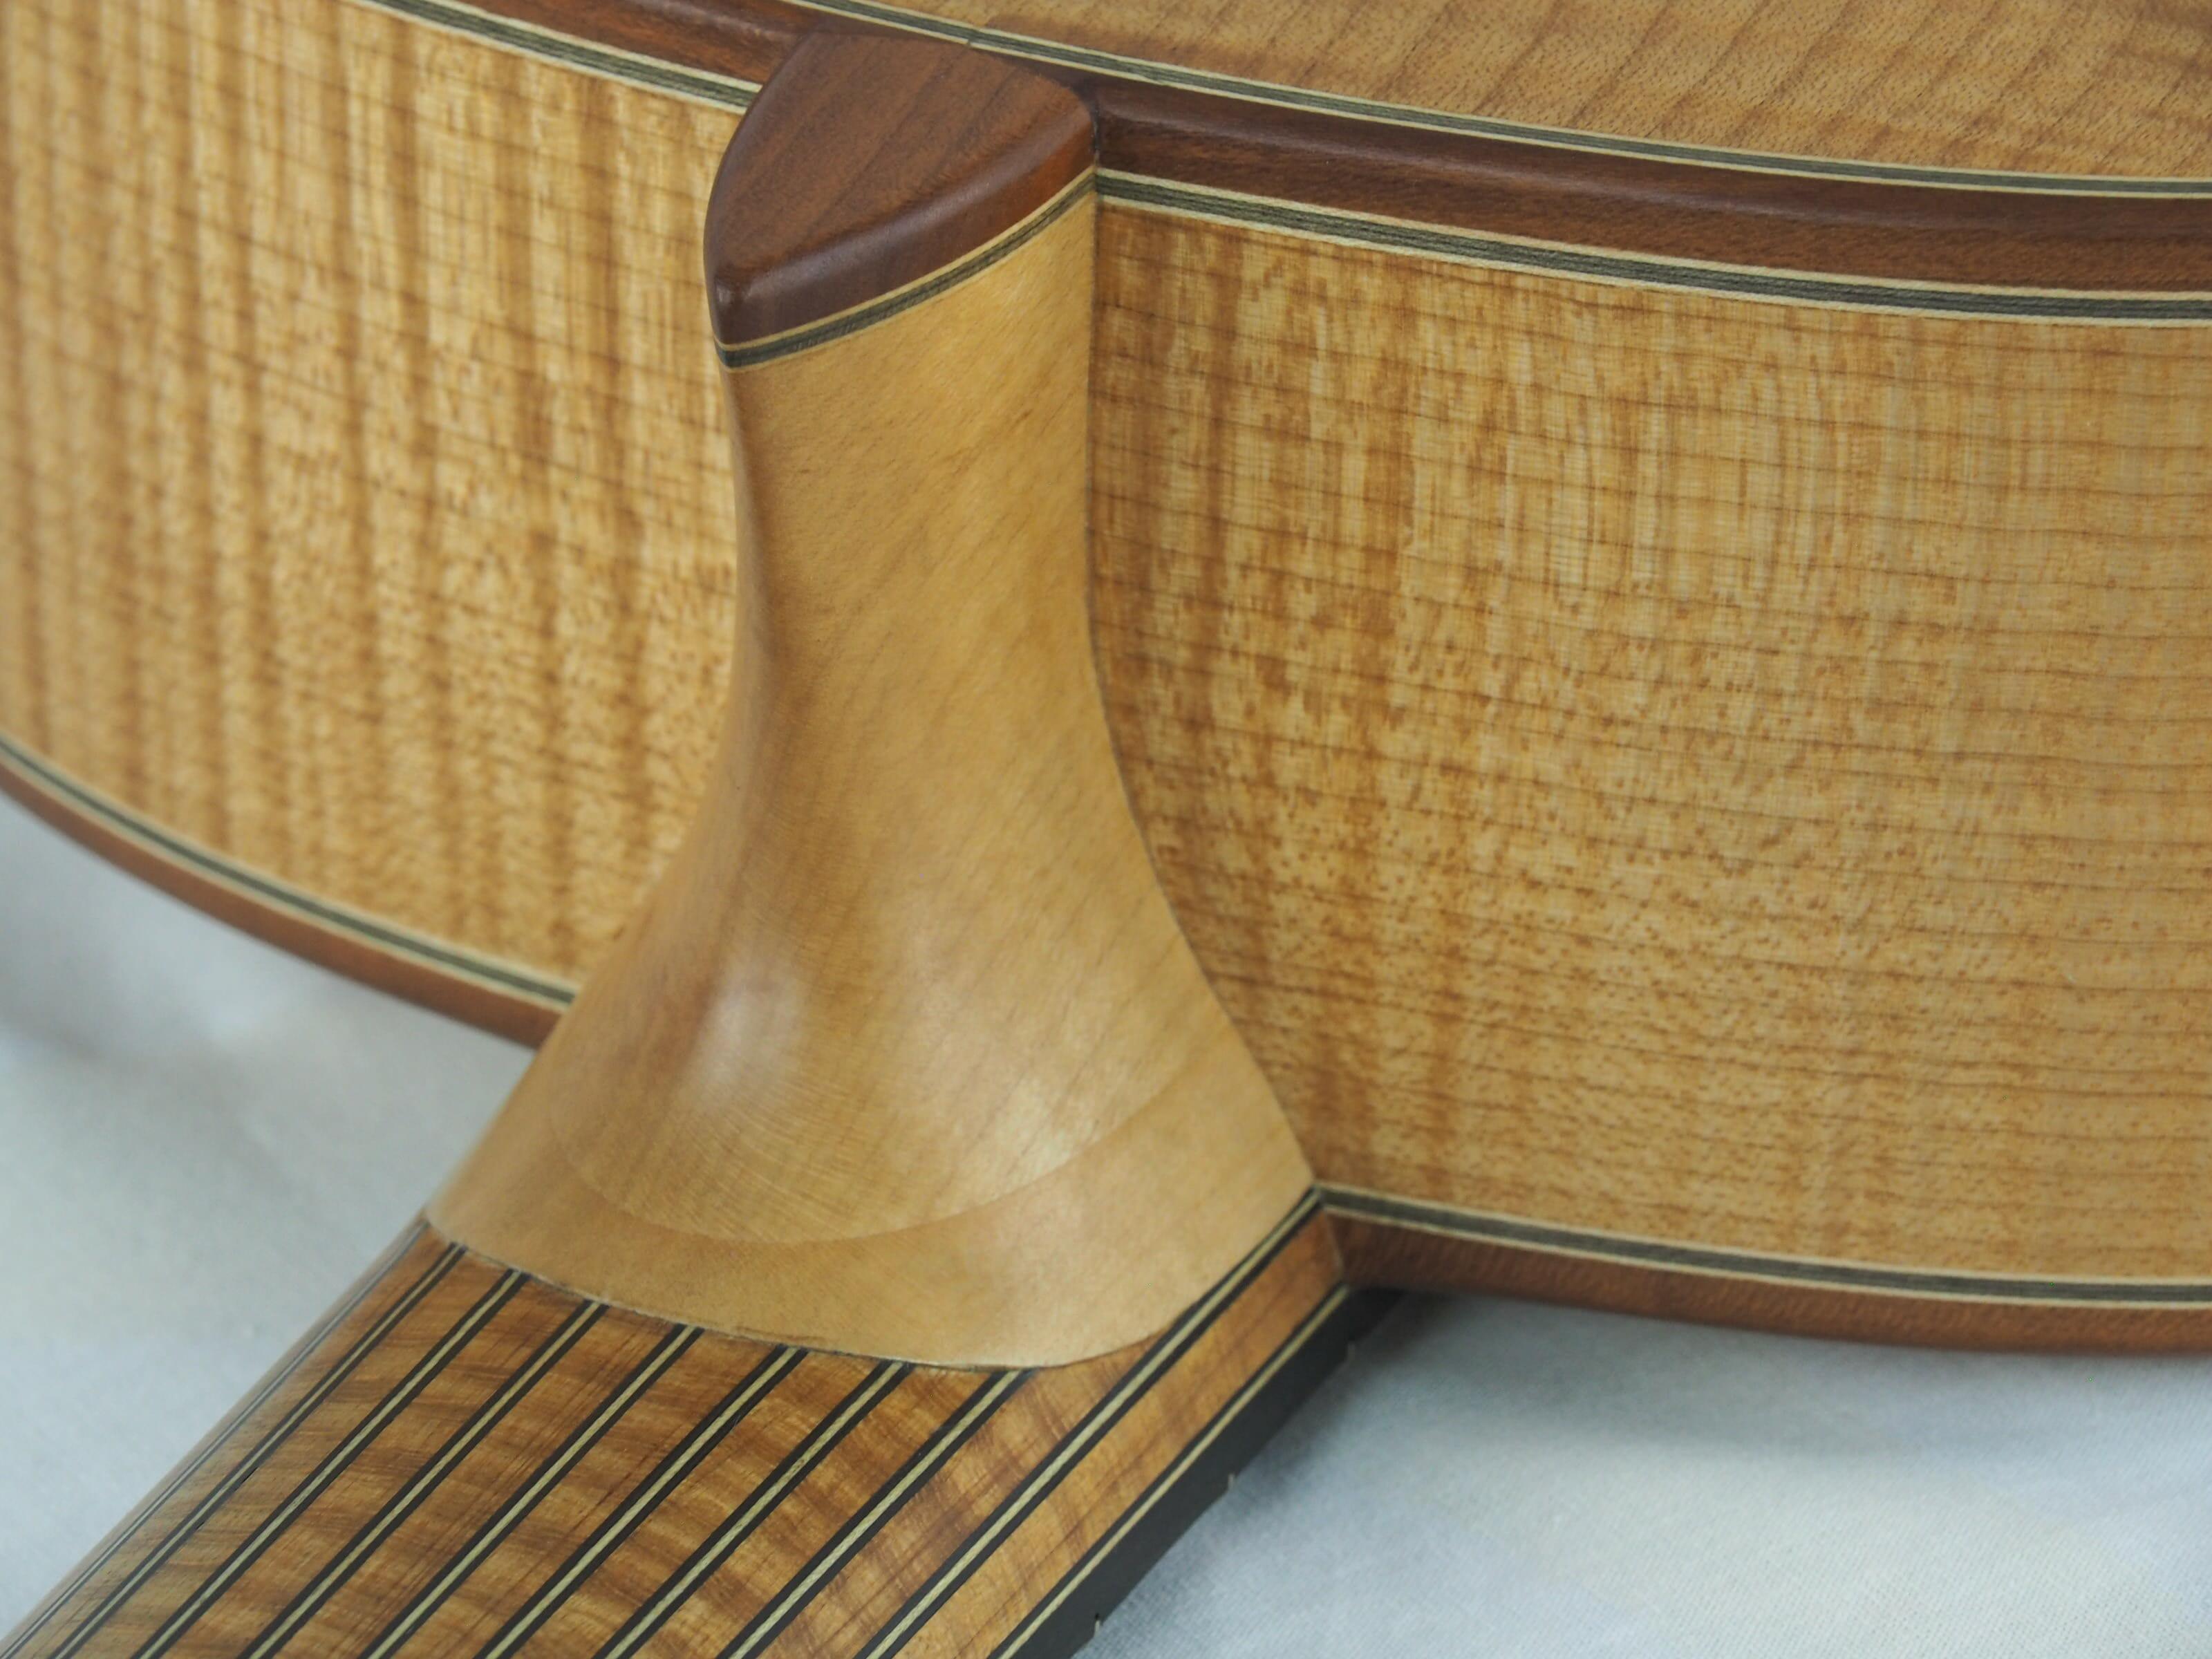 Dieter Hopf Luthier guitare classique Auditorium No 19HP070-10